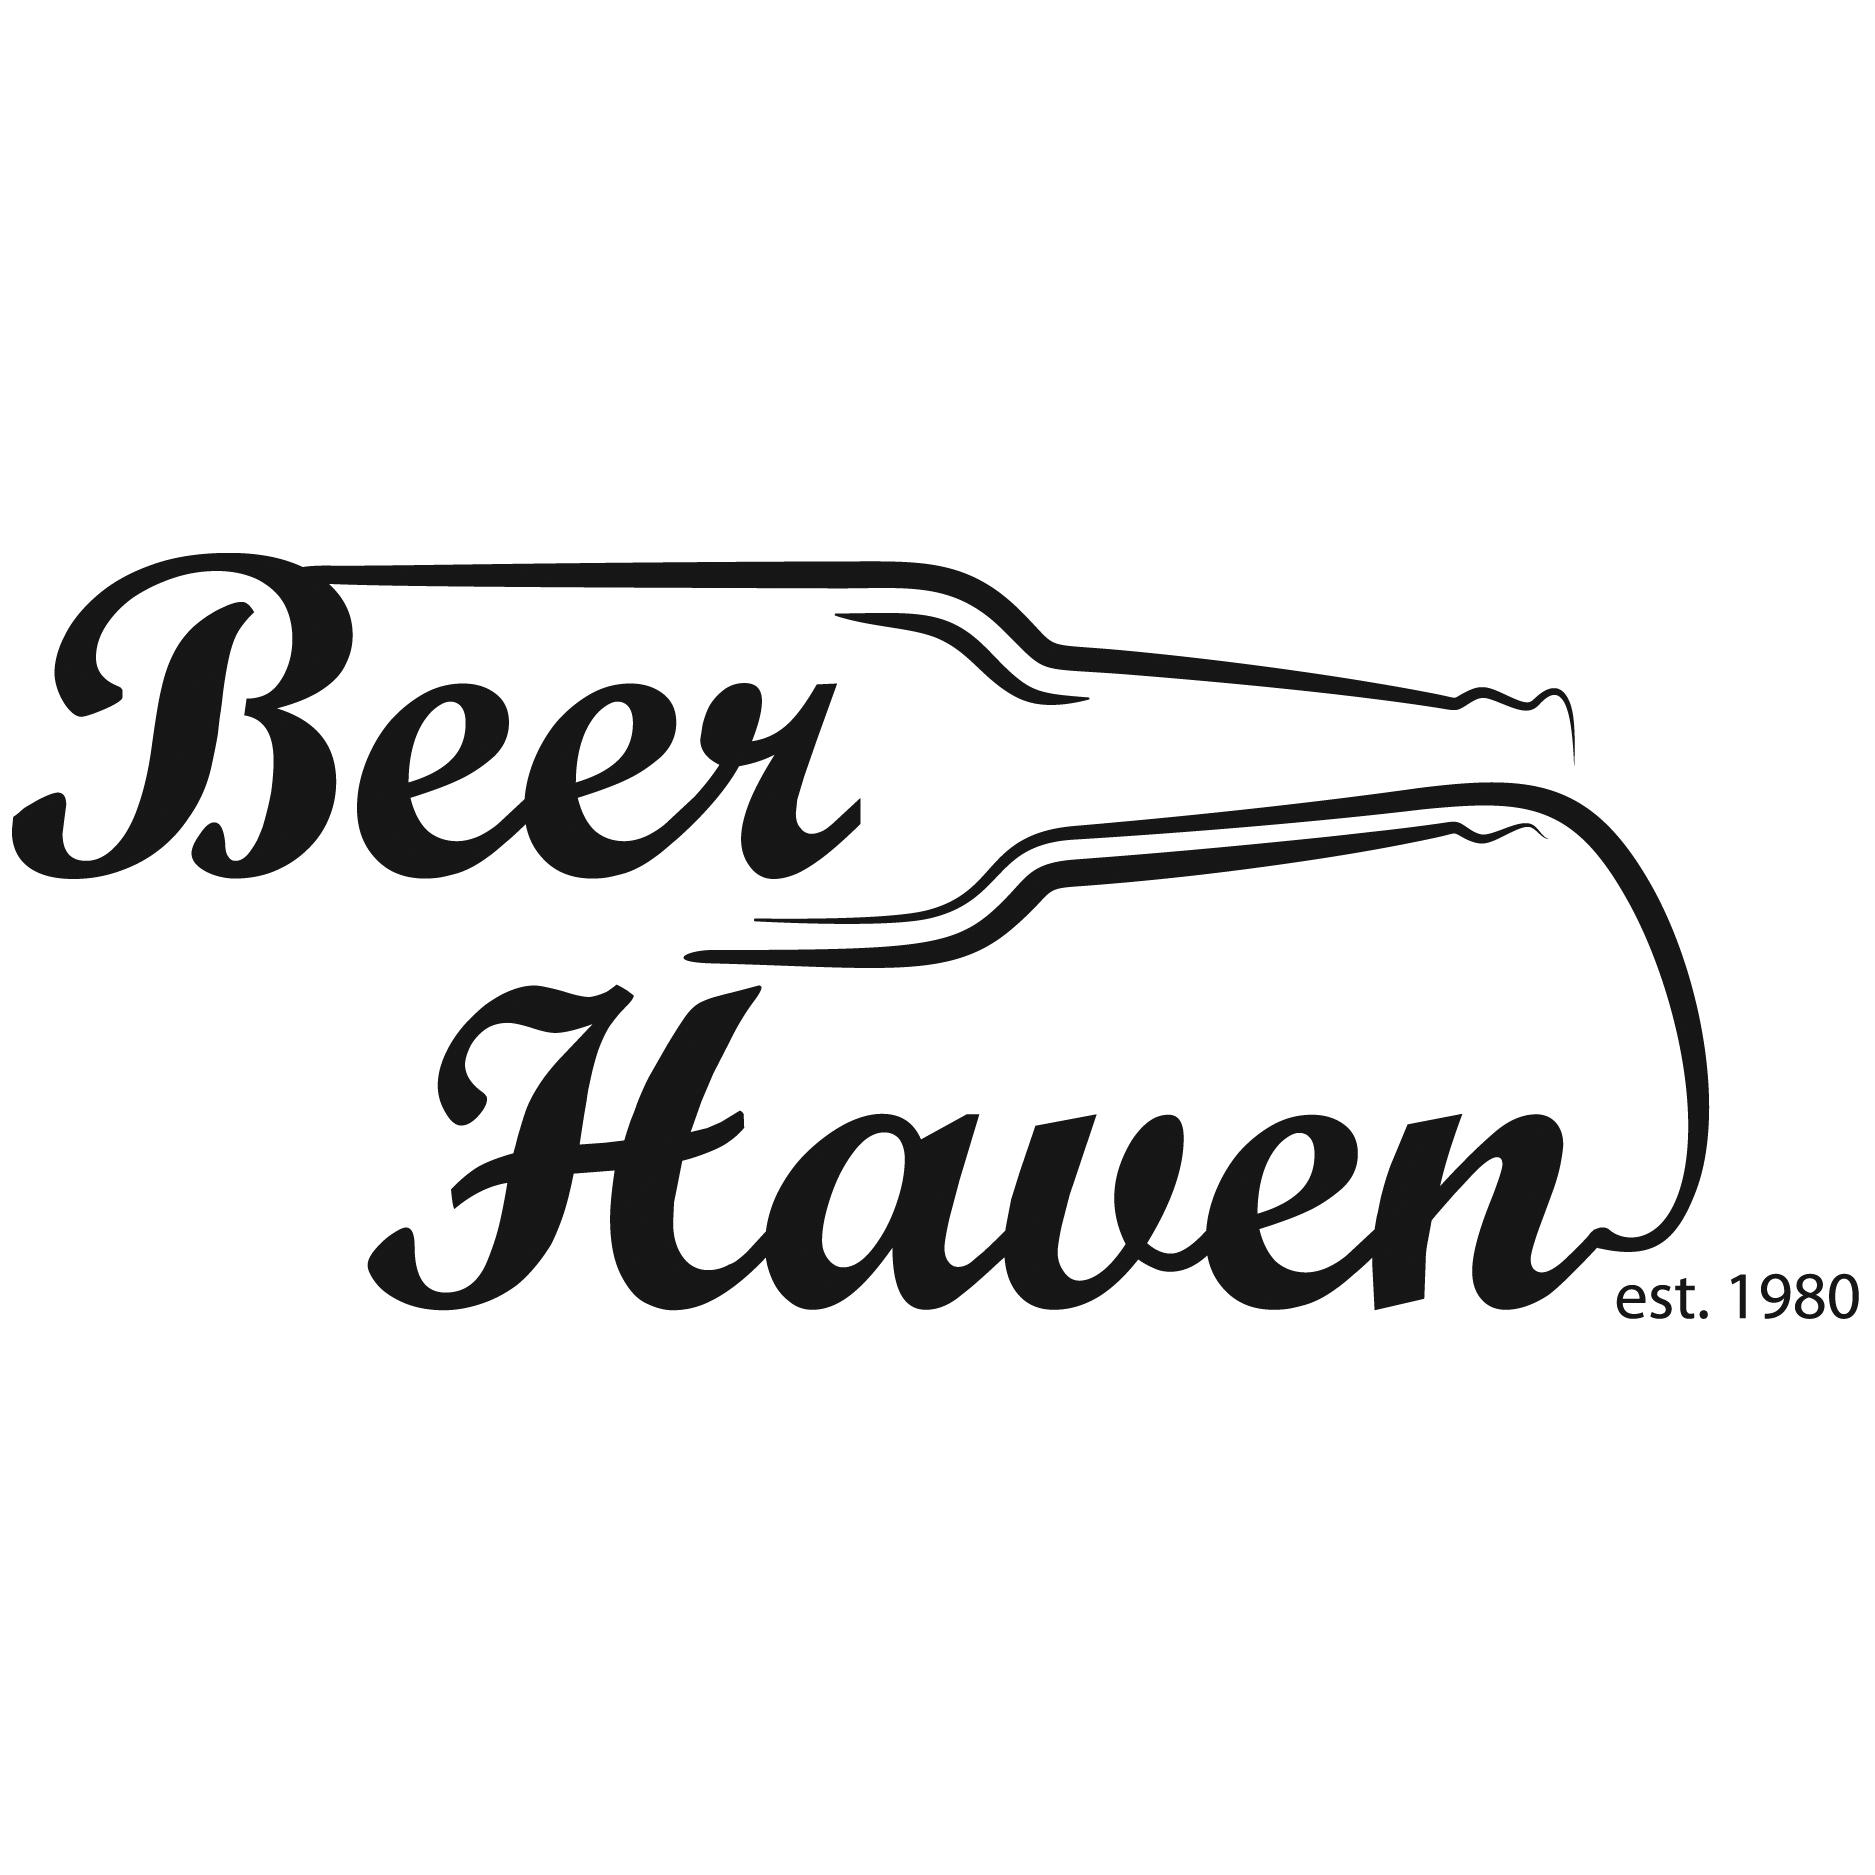 Beer Haven